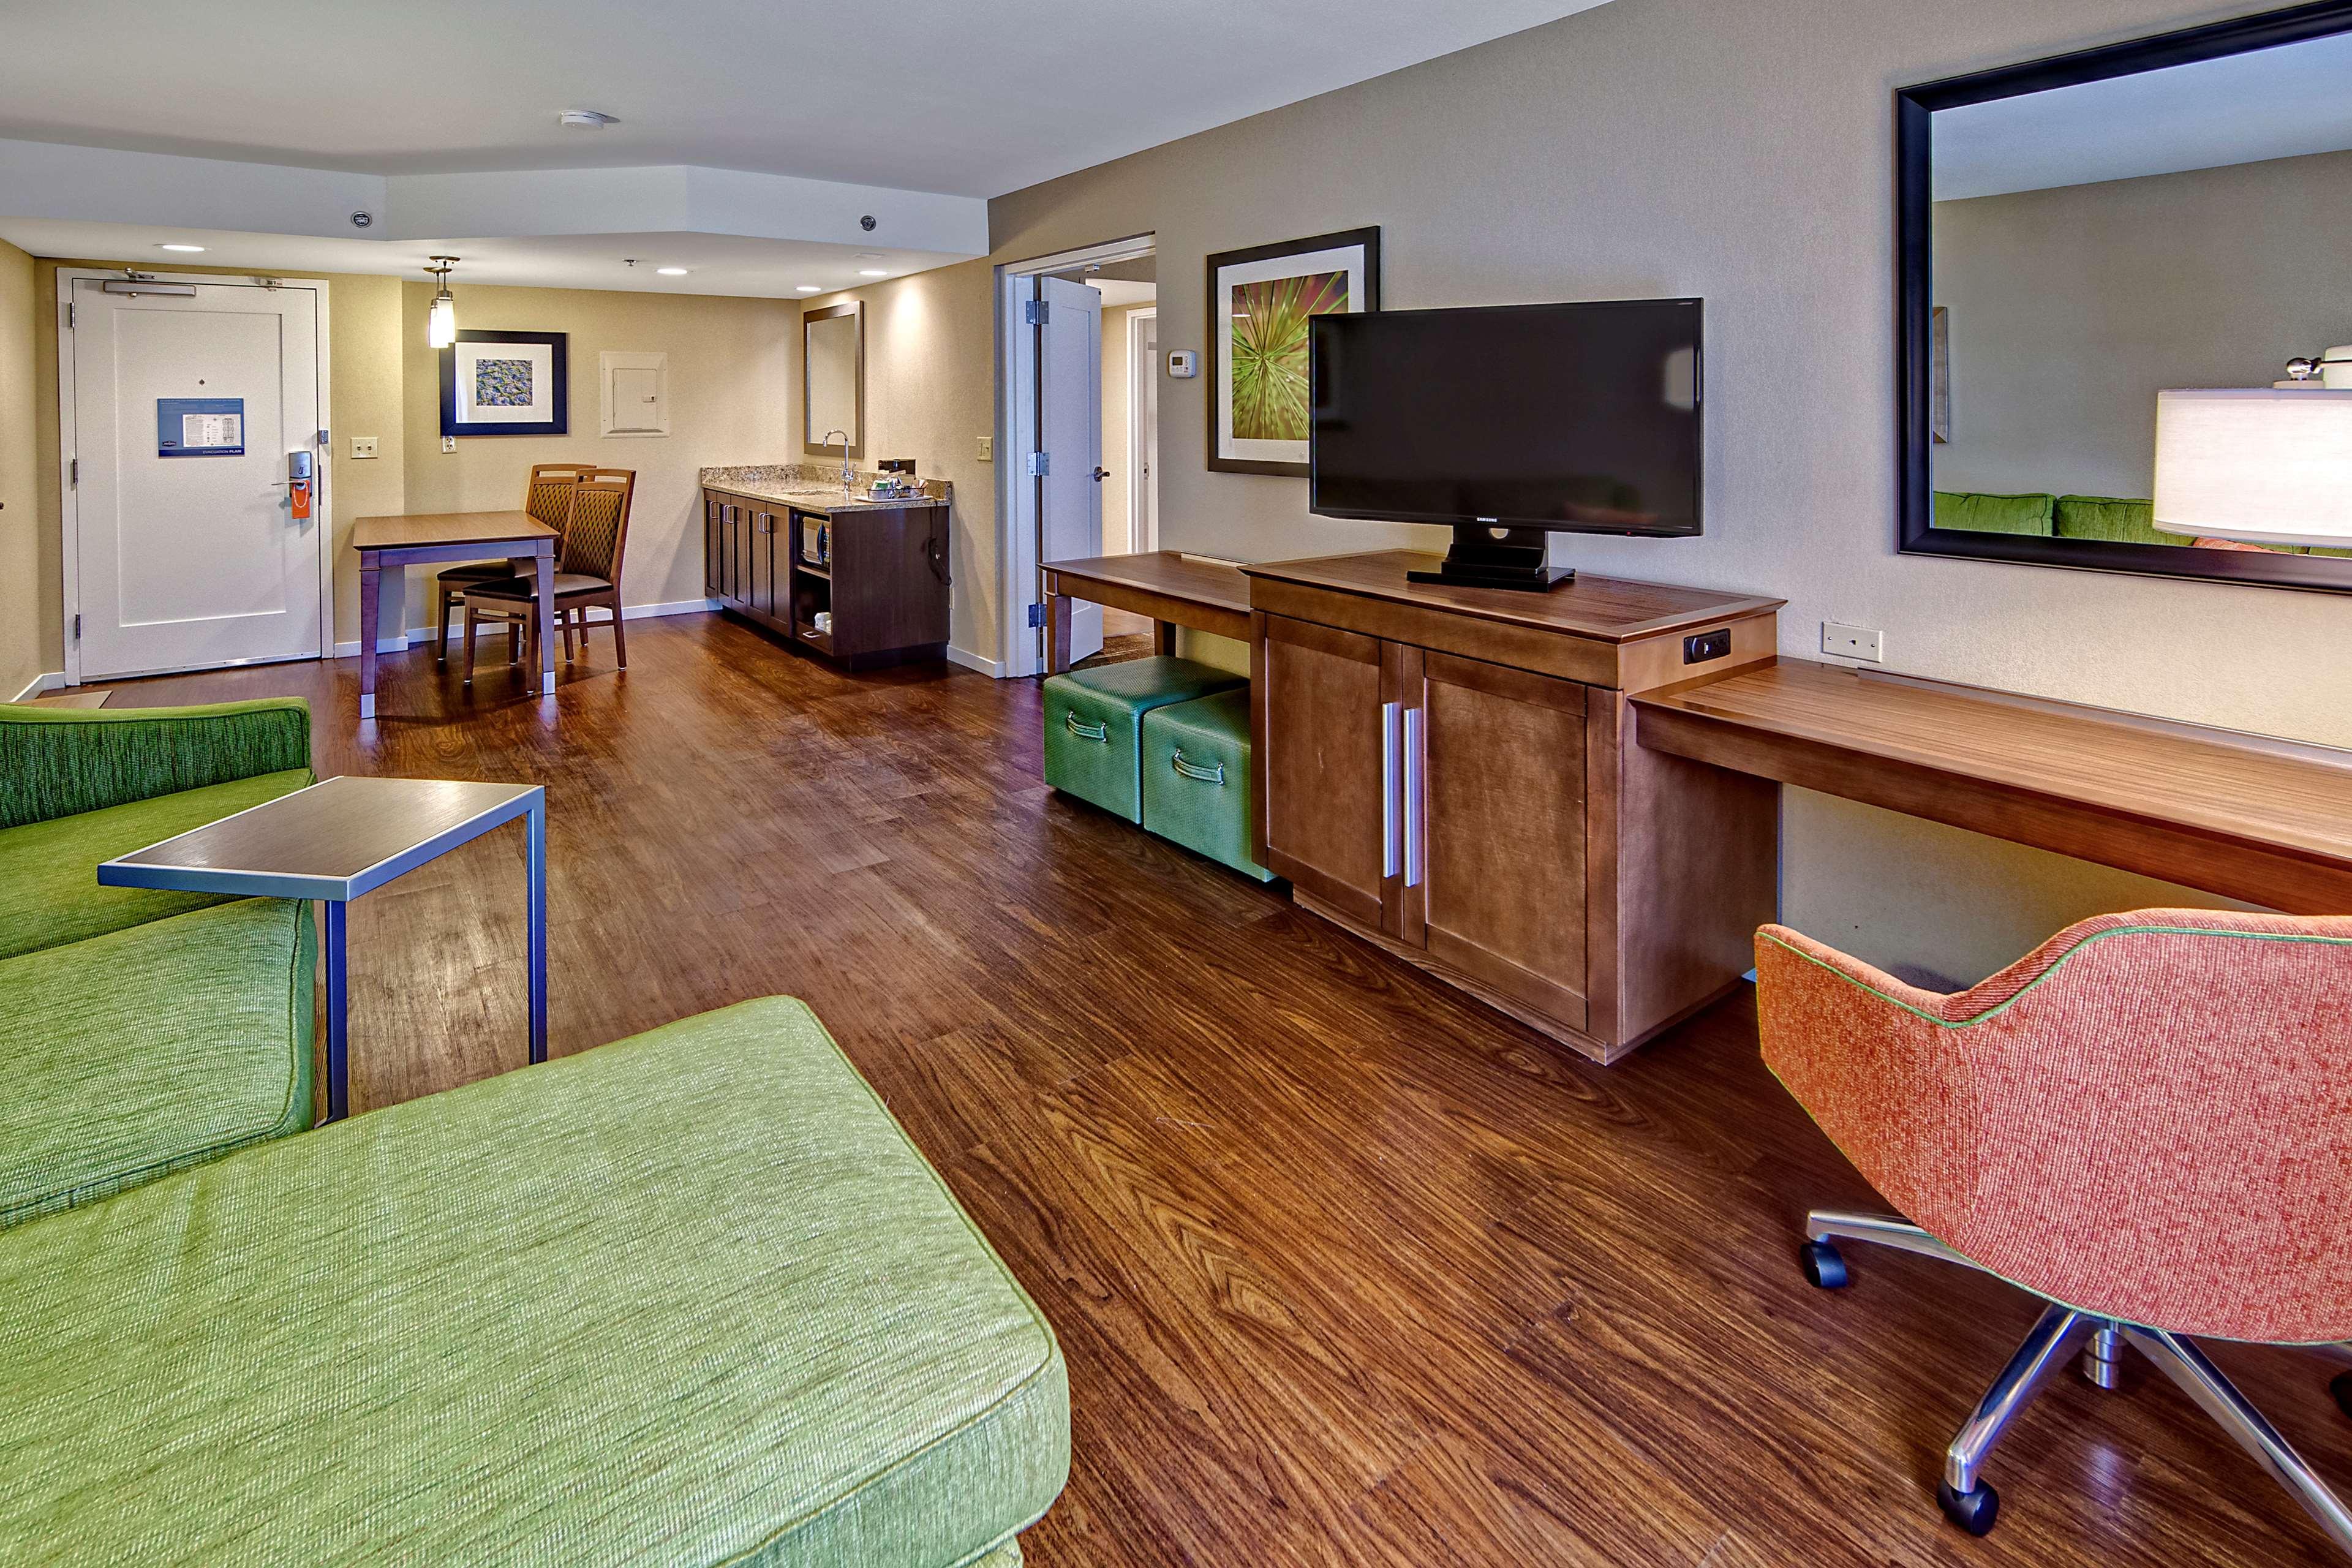 Hampton Inn & Suites Asheville-I-26 image 10